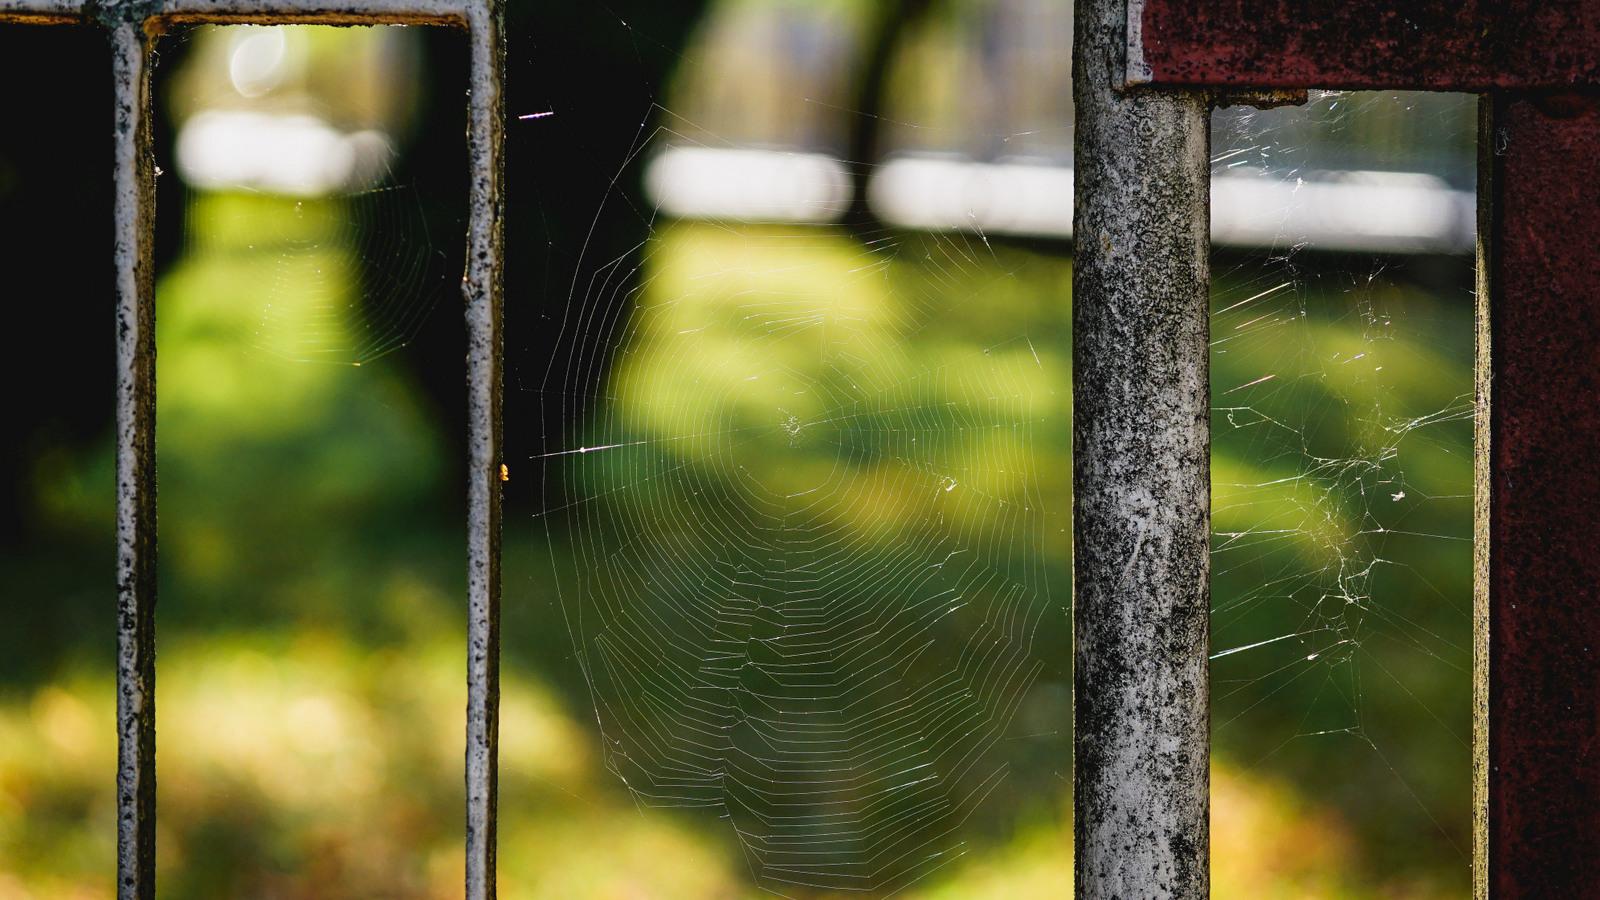 pavučina plot zš na závaží